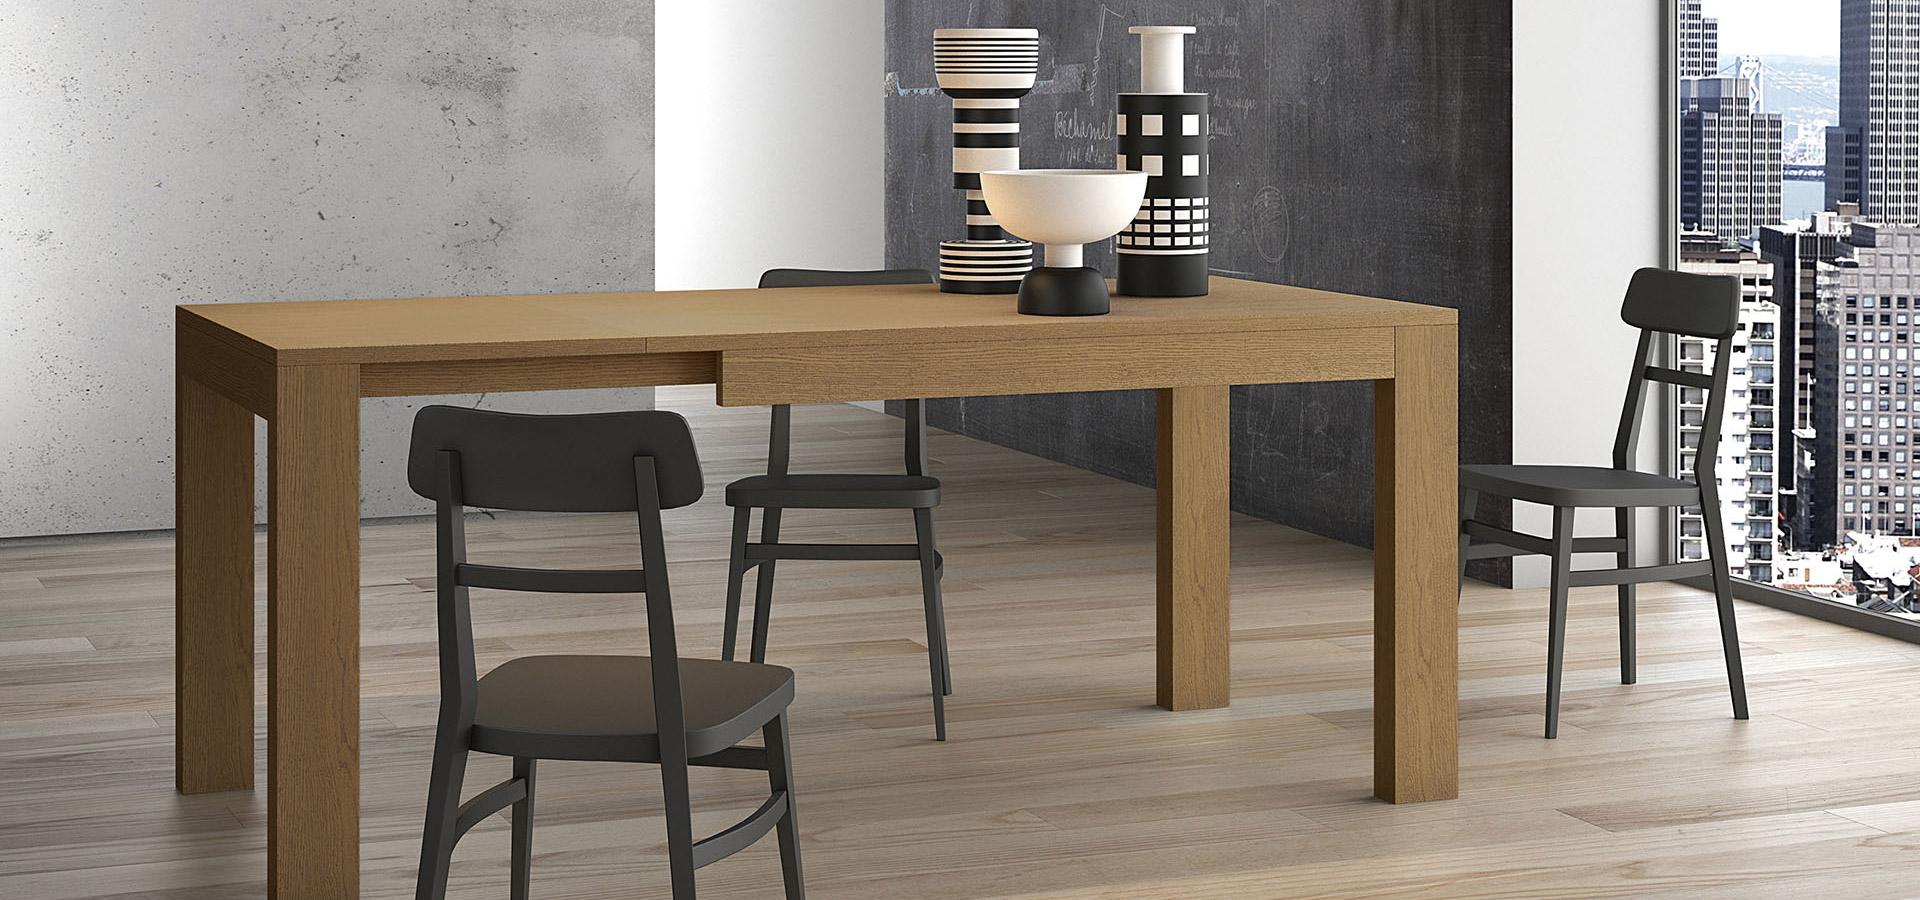 Arredamenti gallomobili mobili udine tavoli legno - Sedie e tavoli da cucina ...